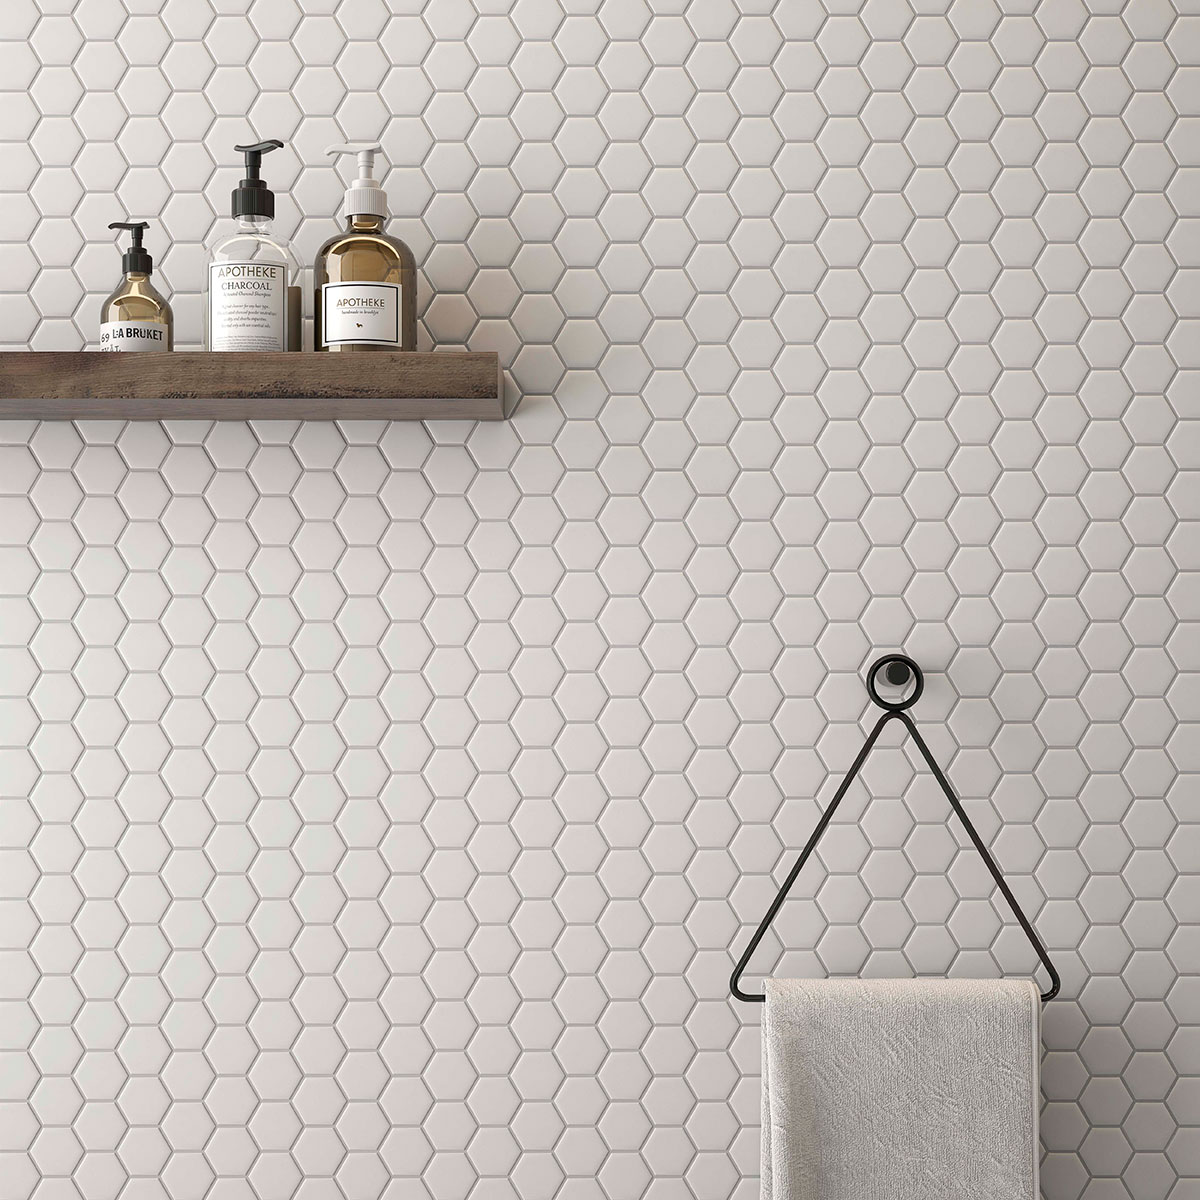 cc_mosaics_white_hex_2_bath.jpg